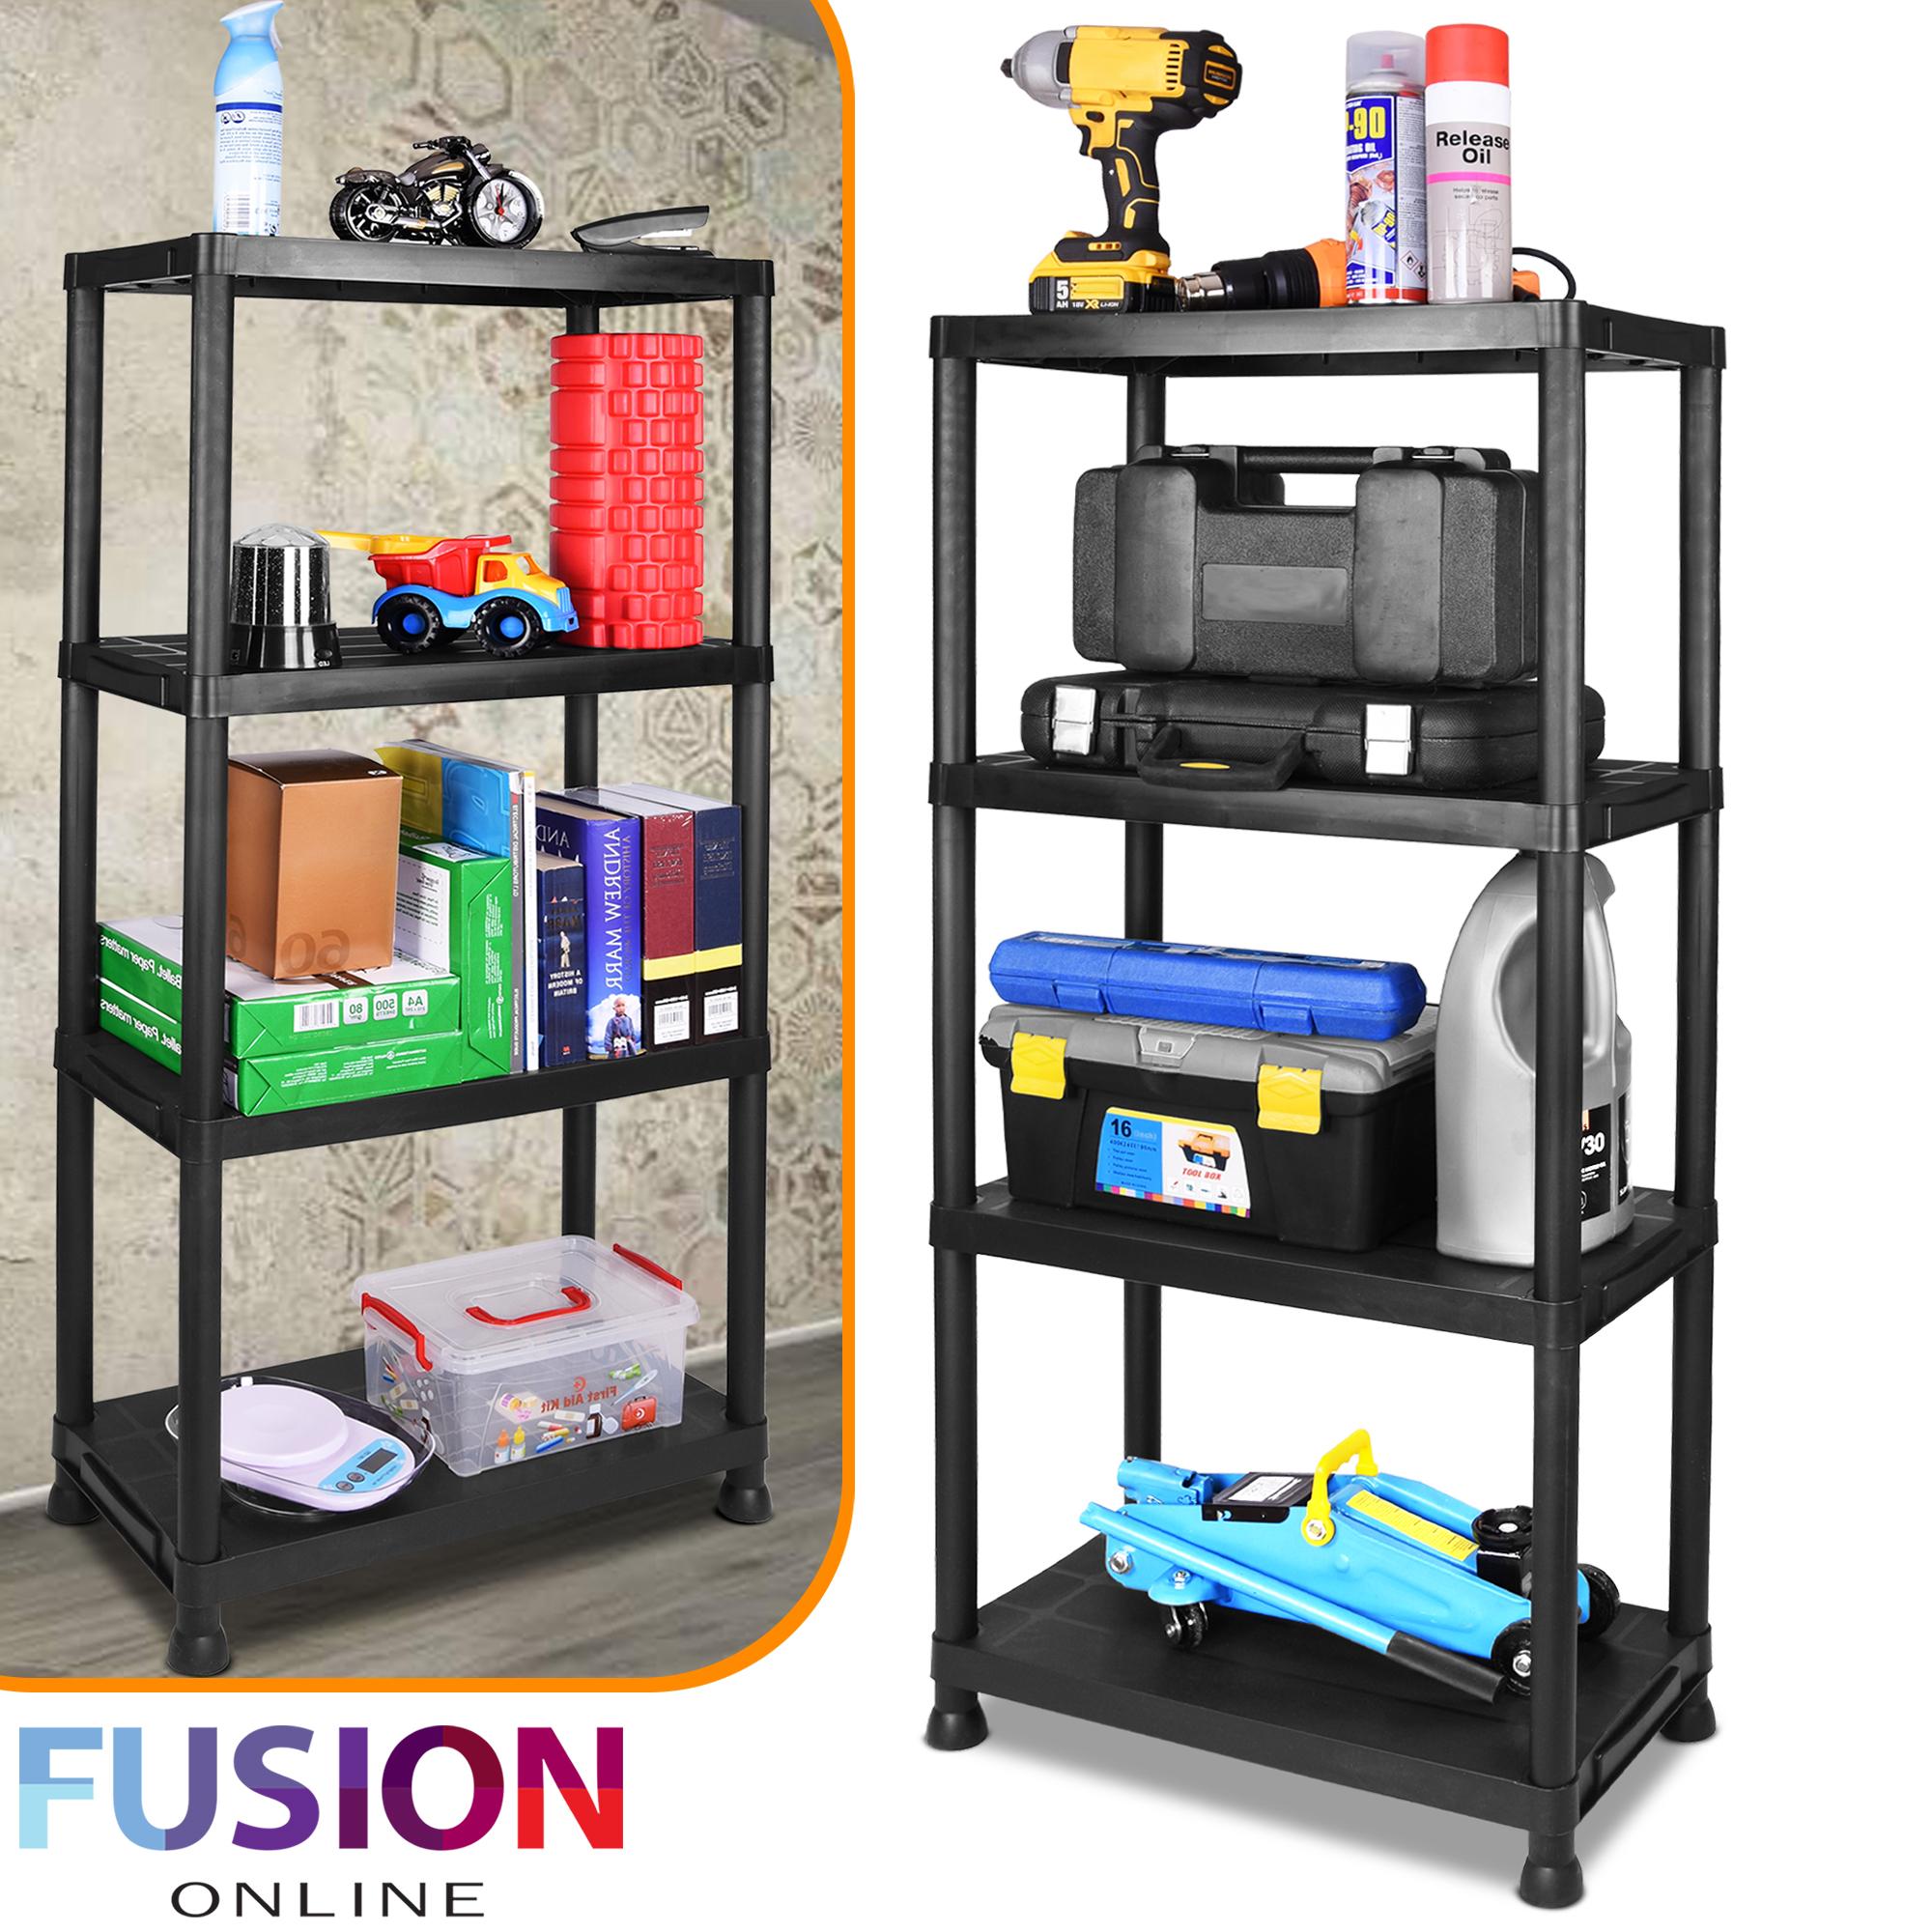 huge discount 8ec50 d1949 Details about Plastic Shelf Shelving Shelves Rack Racking Home Storage  Garage Shed 4 Tier